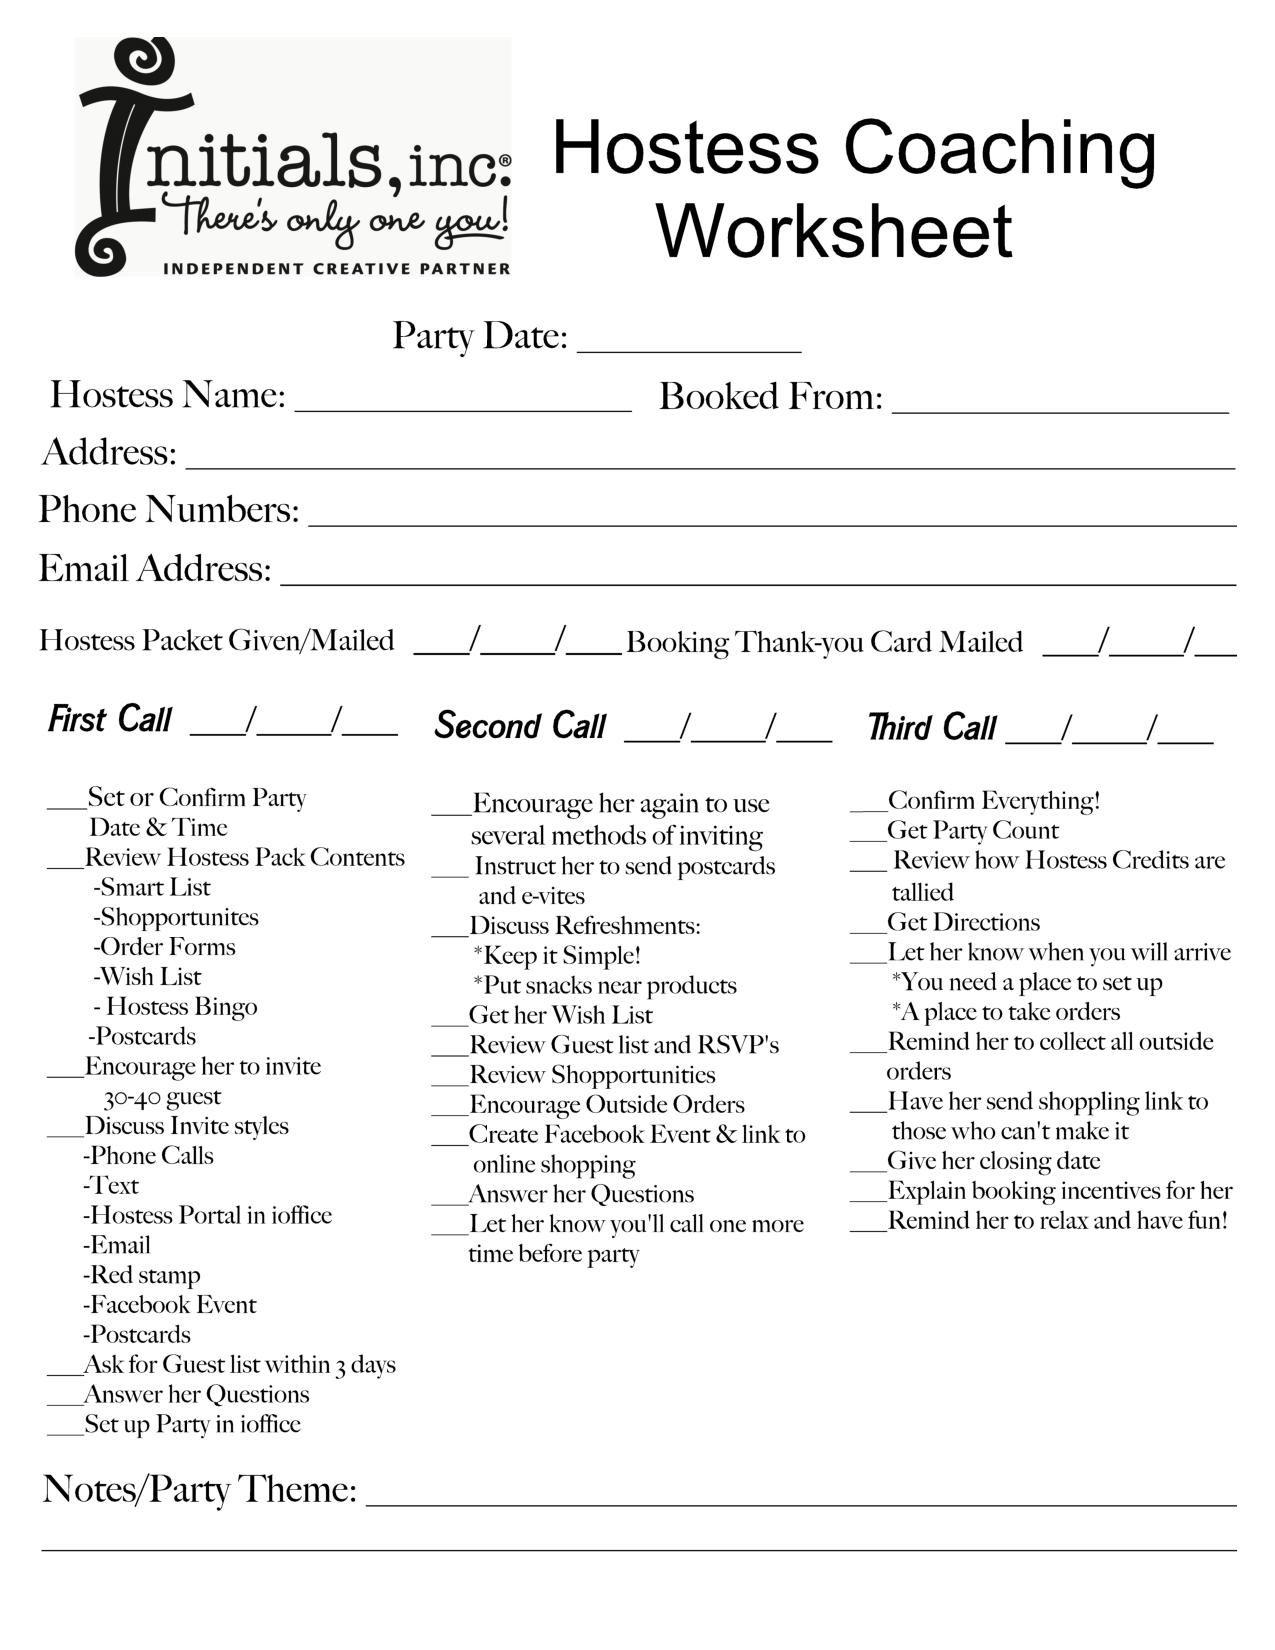 Hostess Coaching Worksheet